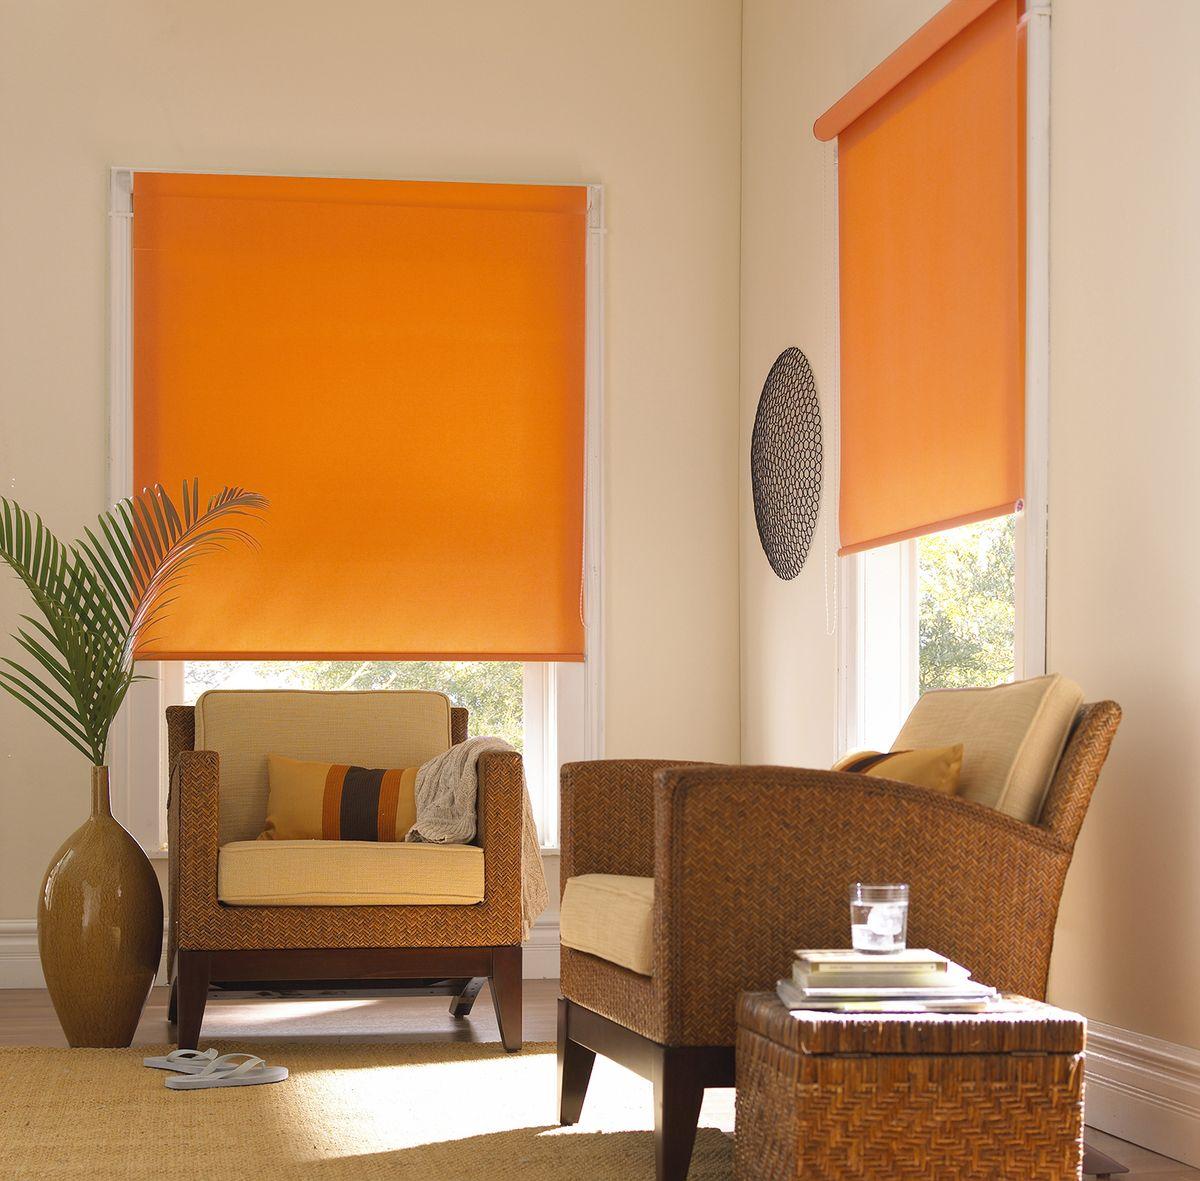 Штора рулонная Эскар Миниролло, цвет: апельсин, ширина 90 см, высота 170 см34119090170Рулонная штора Эскар Миниролло выполнена из высокопрочной ткани, которая сохраняет свой размер даже при намокании. Ткань не выцветает и обладает отличной цветоустойчивостью.Миниролло - это подвид рулонных штор, который закрывает не весь оконный проем, а непосредственно само стекло. Такие шторы крепятся на раму без сверления при помощи зажимов или клейкой двухсторонней ленты (в комплекте). Окно остается на гарантии, благодаря монтажу без сверления. Такая штора станет прекрасным элементом декора окна и гармонично впишется в интерьер любого помещения.